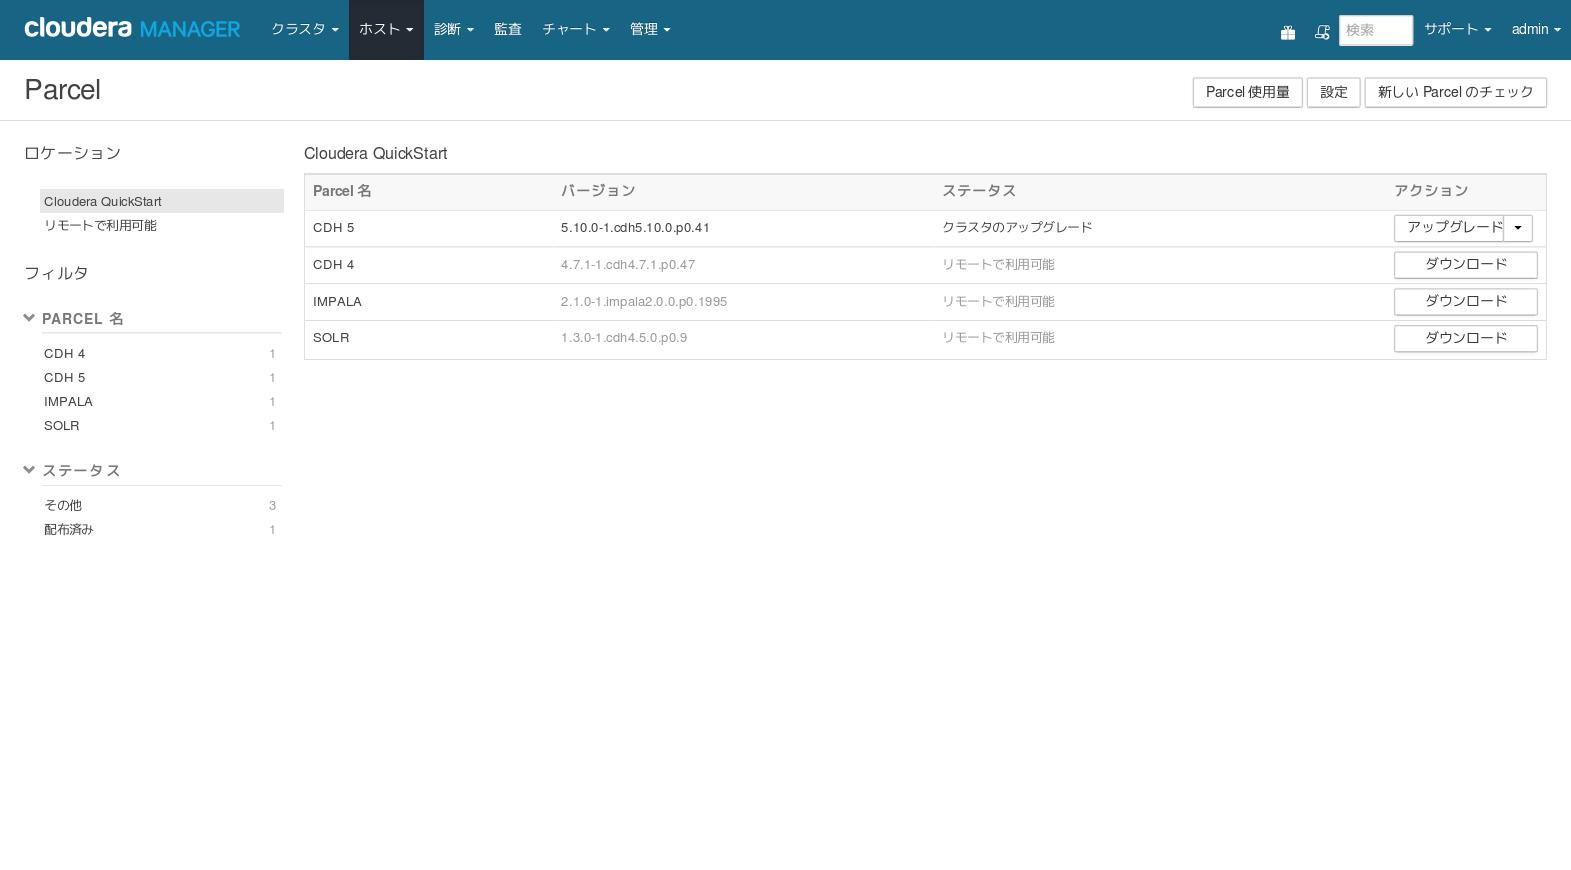 FireShot Capture 026 - Parcel - Cloud__ - http___quickstart.cloudera_7180_cm.png